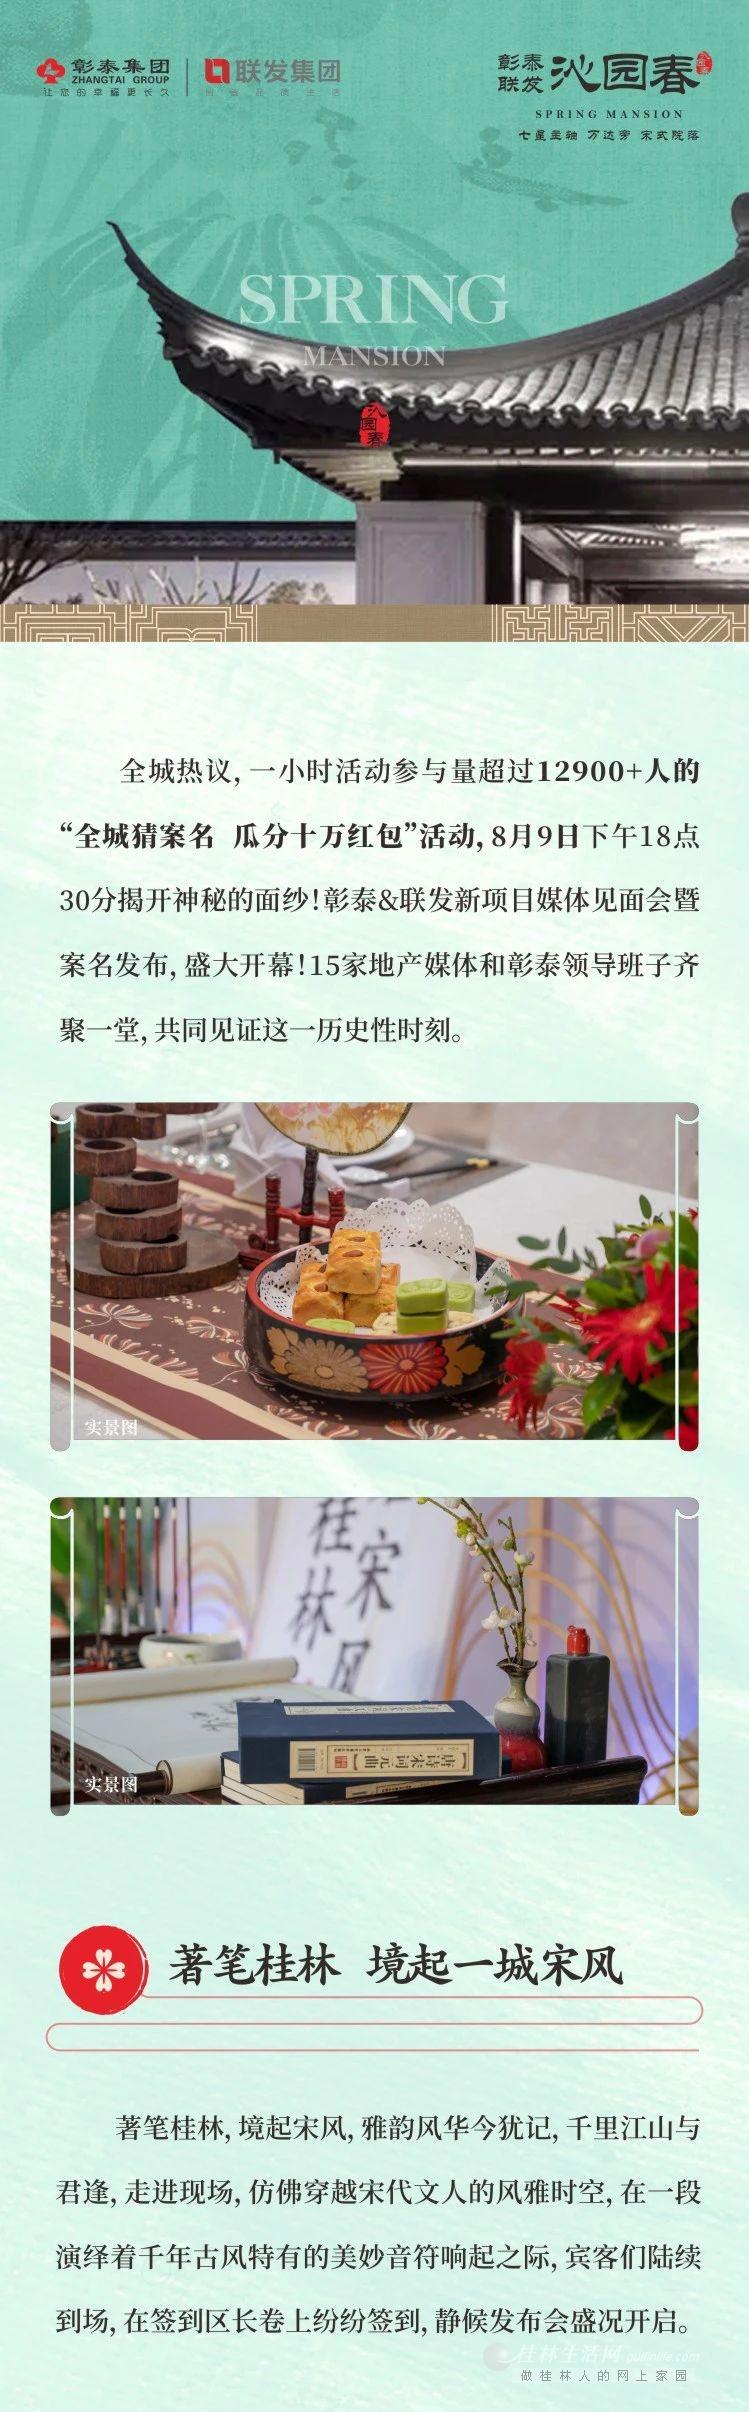 著笔桂林,境起一城宋风 | 七星区新品案名揭幕!